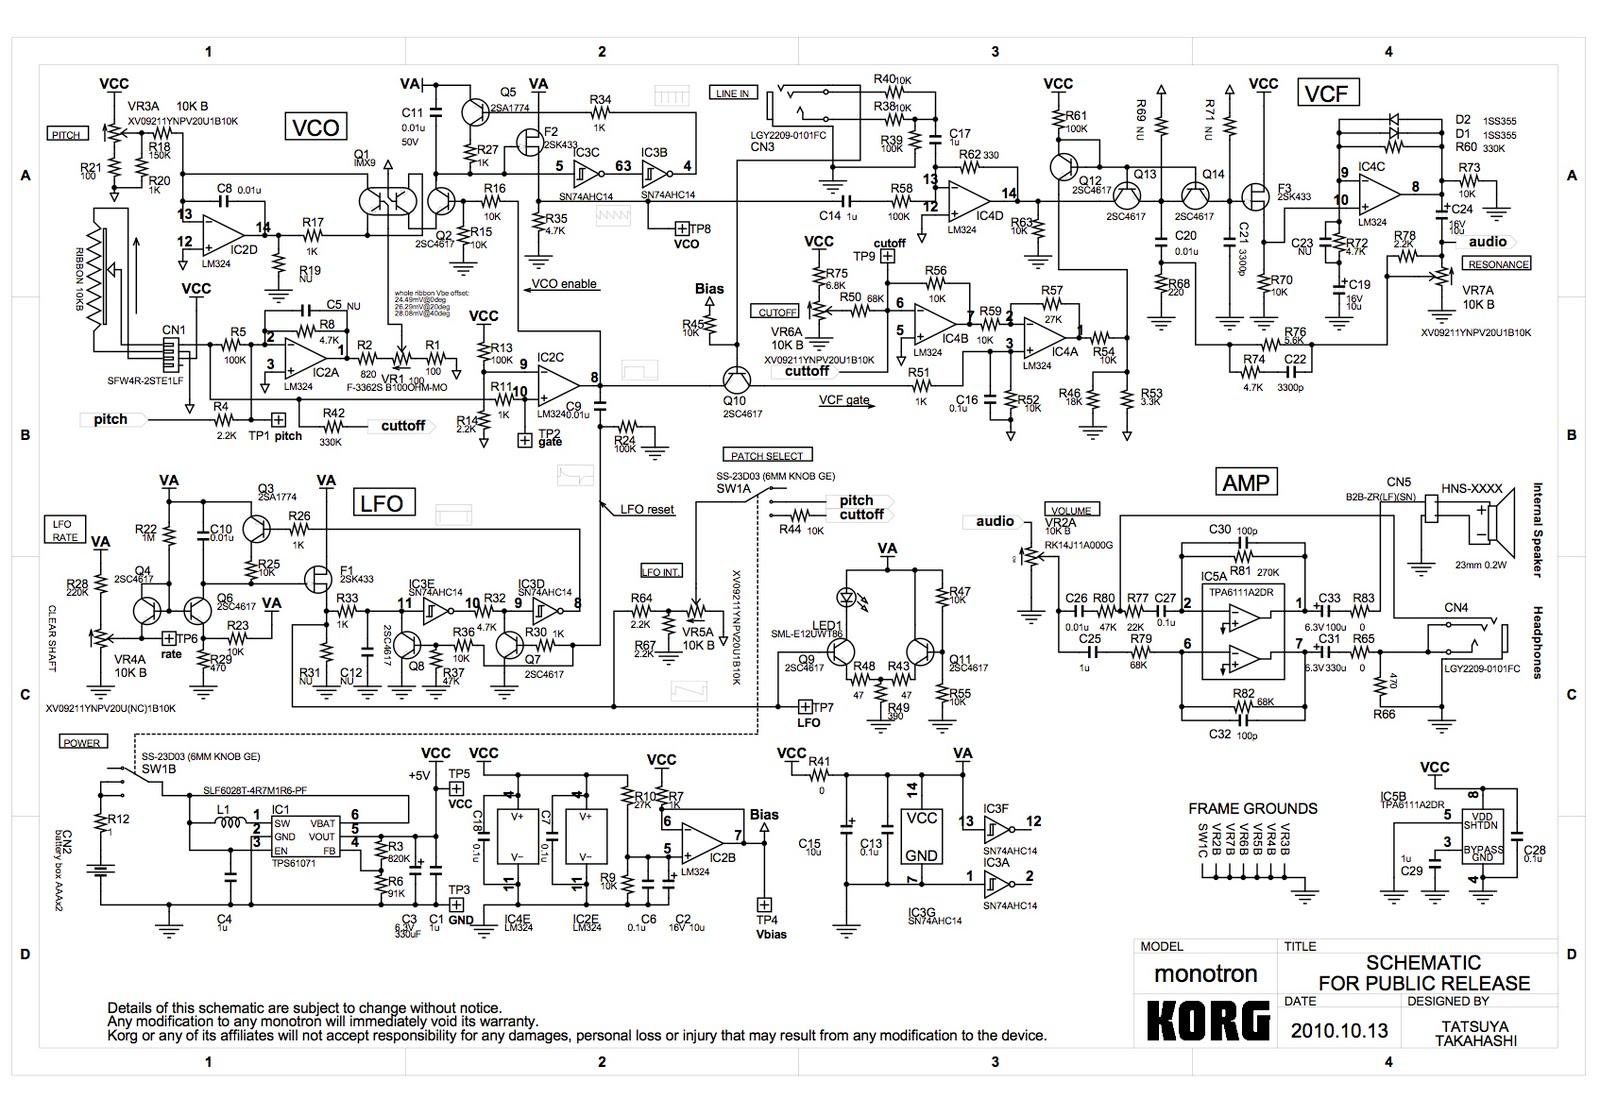 monotron_sch Korg Monotron Schematic on